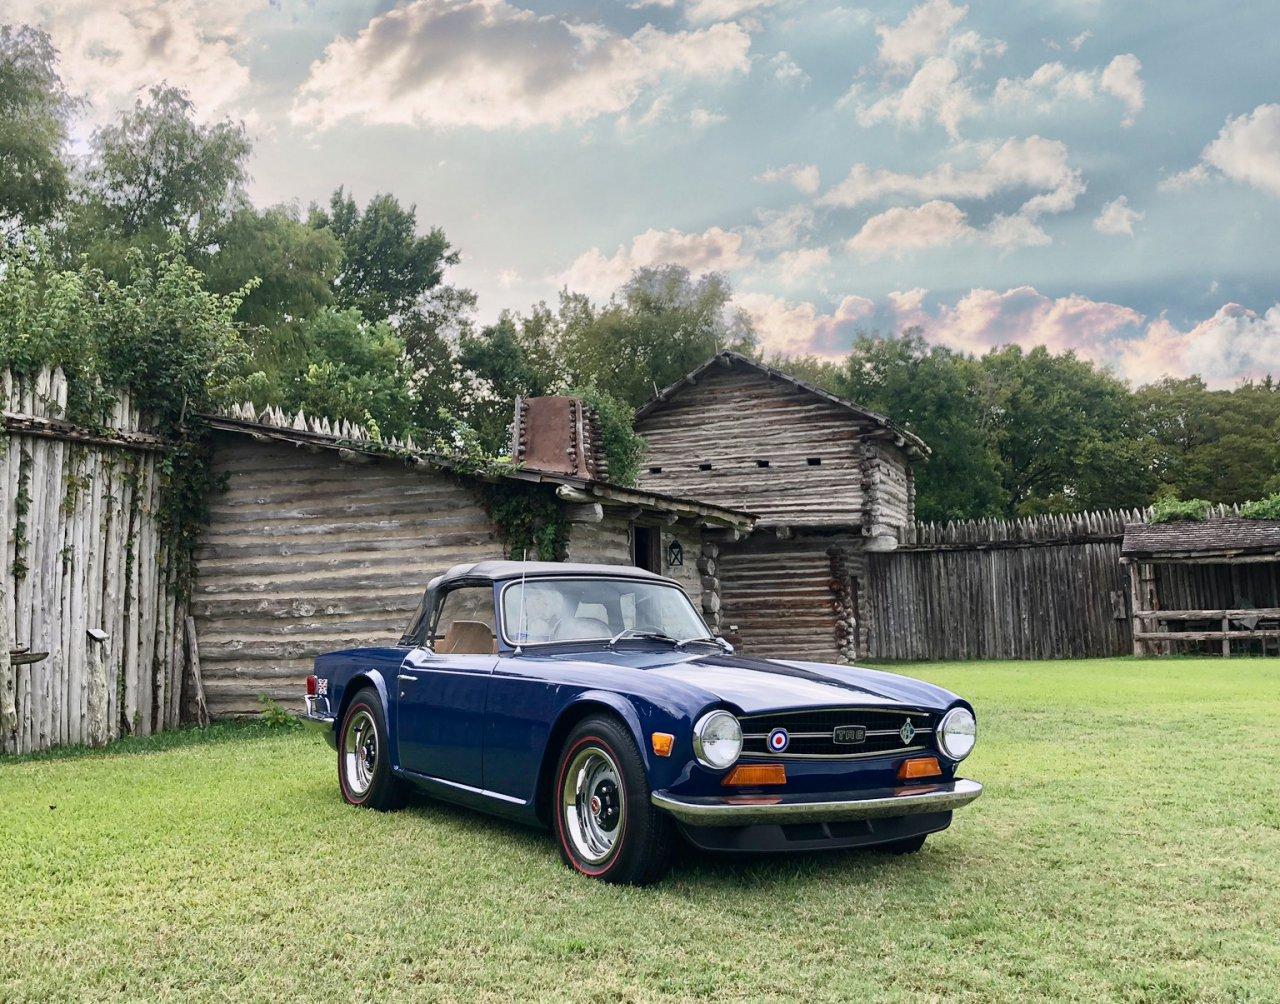 Texas, Tiny Texas town races ahead, ClassicCars.com Journal